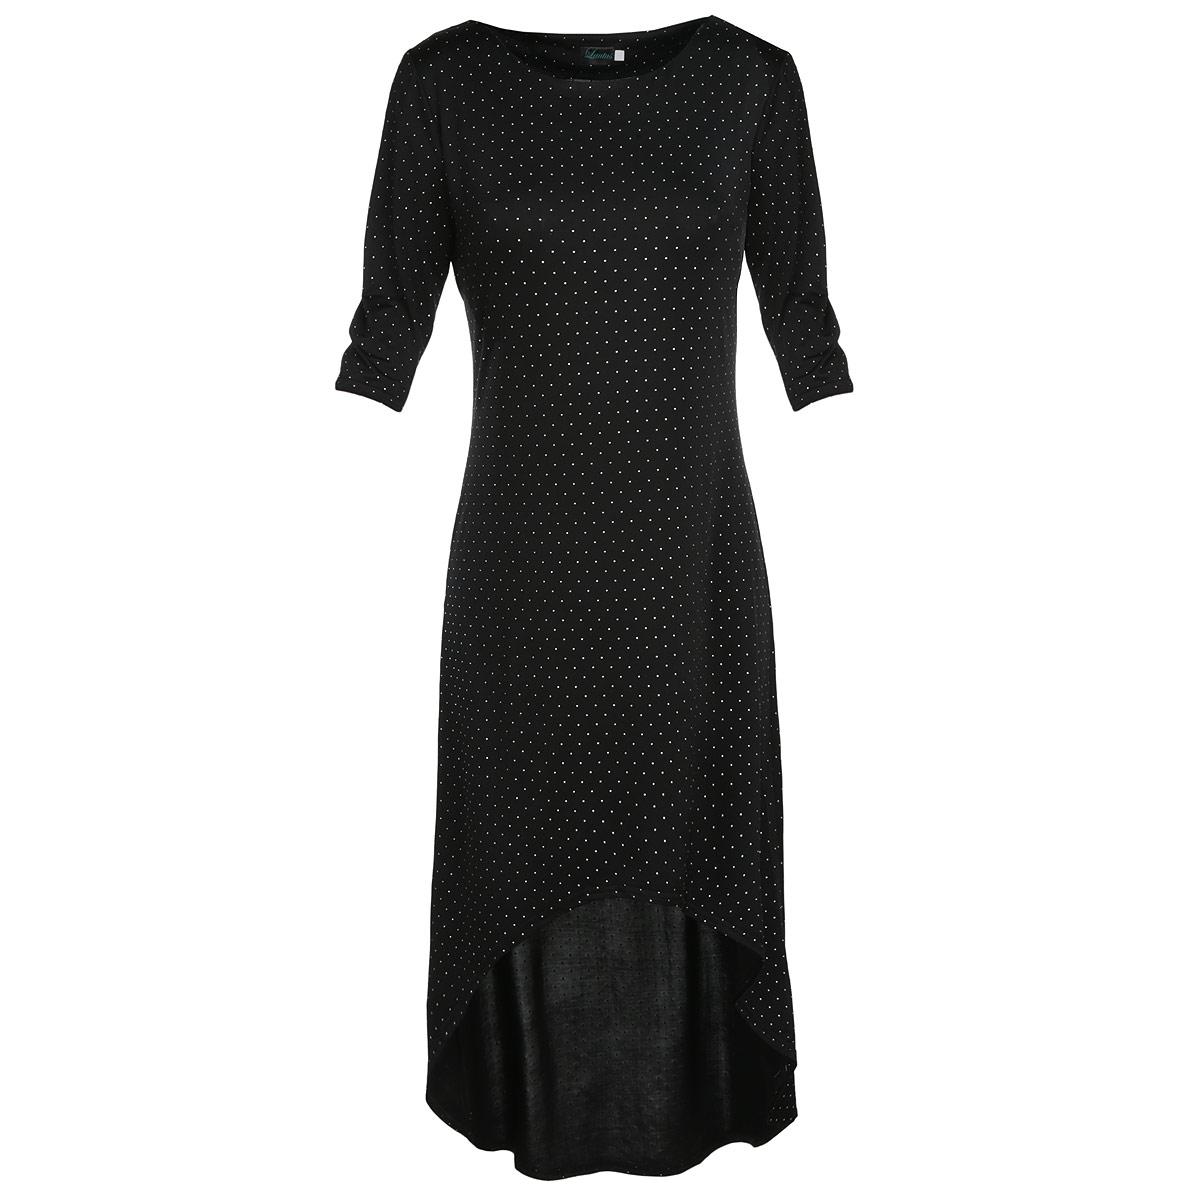 Платье632Элегантное платье Lautus изготовлено из струящегося эластичного материала, приятного на ощупь и комфортного в повседневной носке. Платье макси длины с круглым вырезом горловины и рукавами длиной 3/4 имеет асимметричную линию подола. Изделие оформлено контрастным принтом в мелкий горошек. Необычный дизайн модели позволит вам выглядеть стильно и неординарно. Облегающее платье в пол - идеальный вариант для создания эффектного образа.